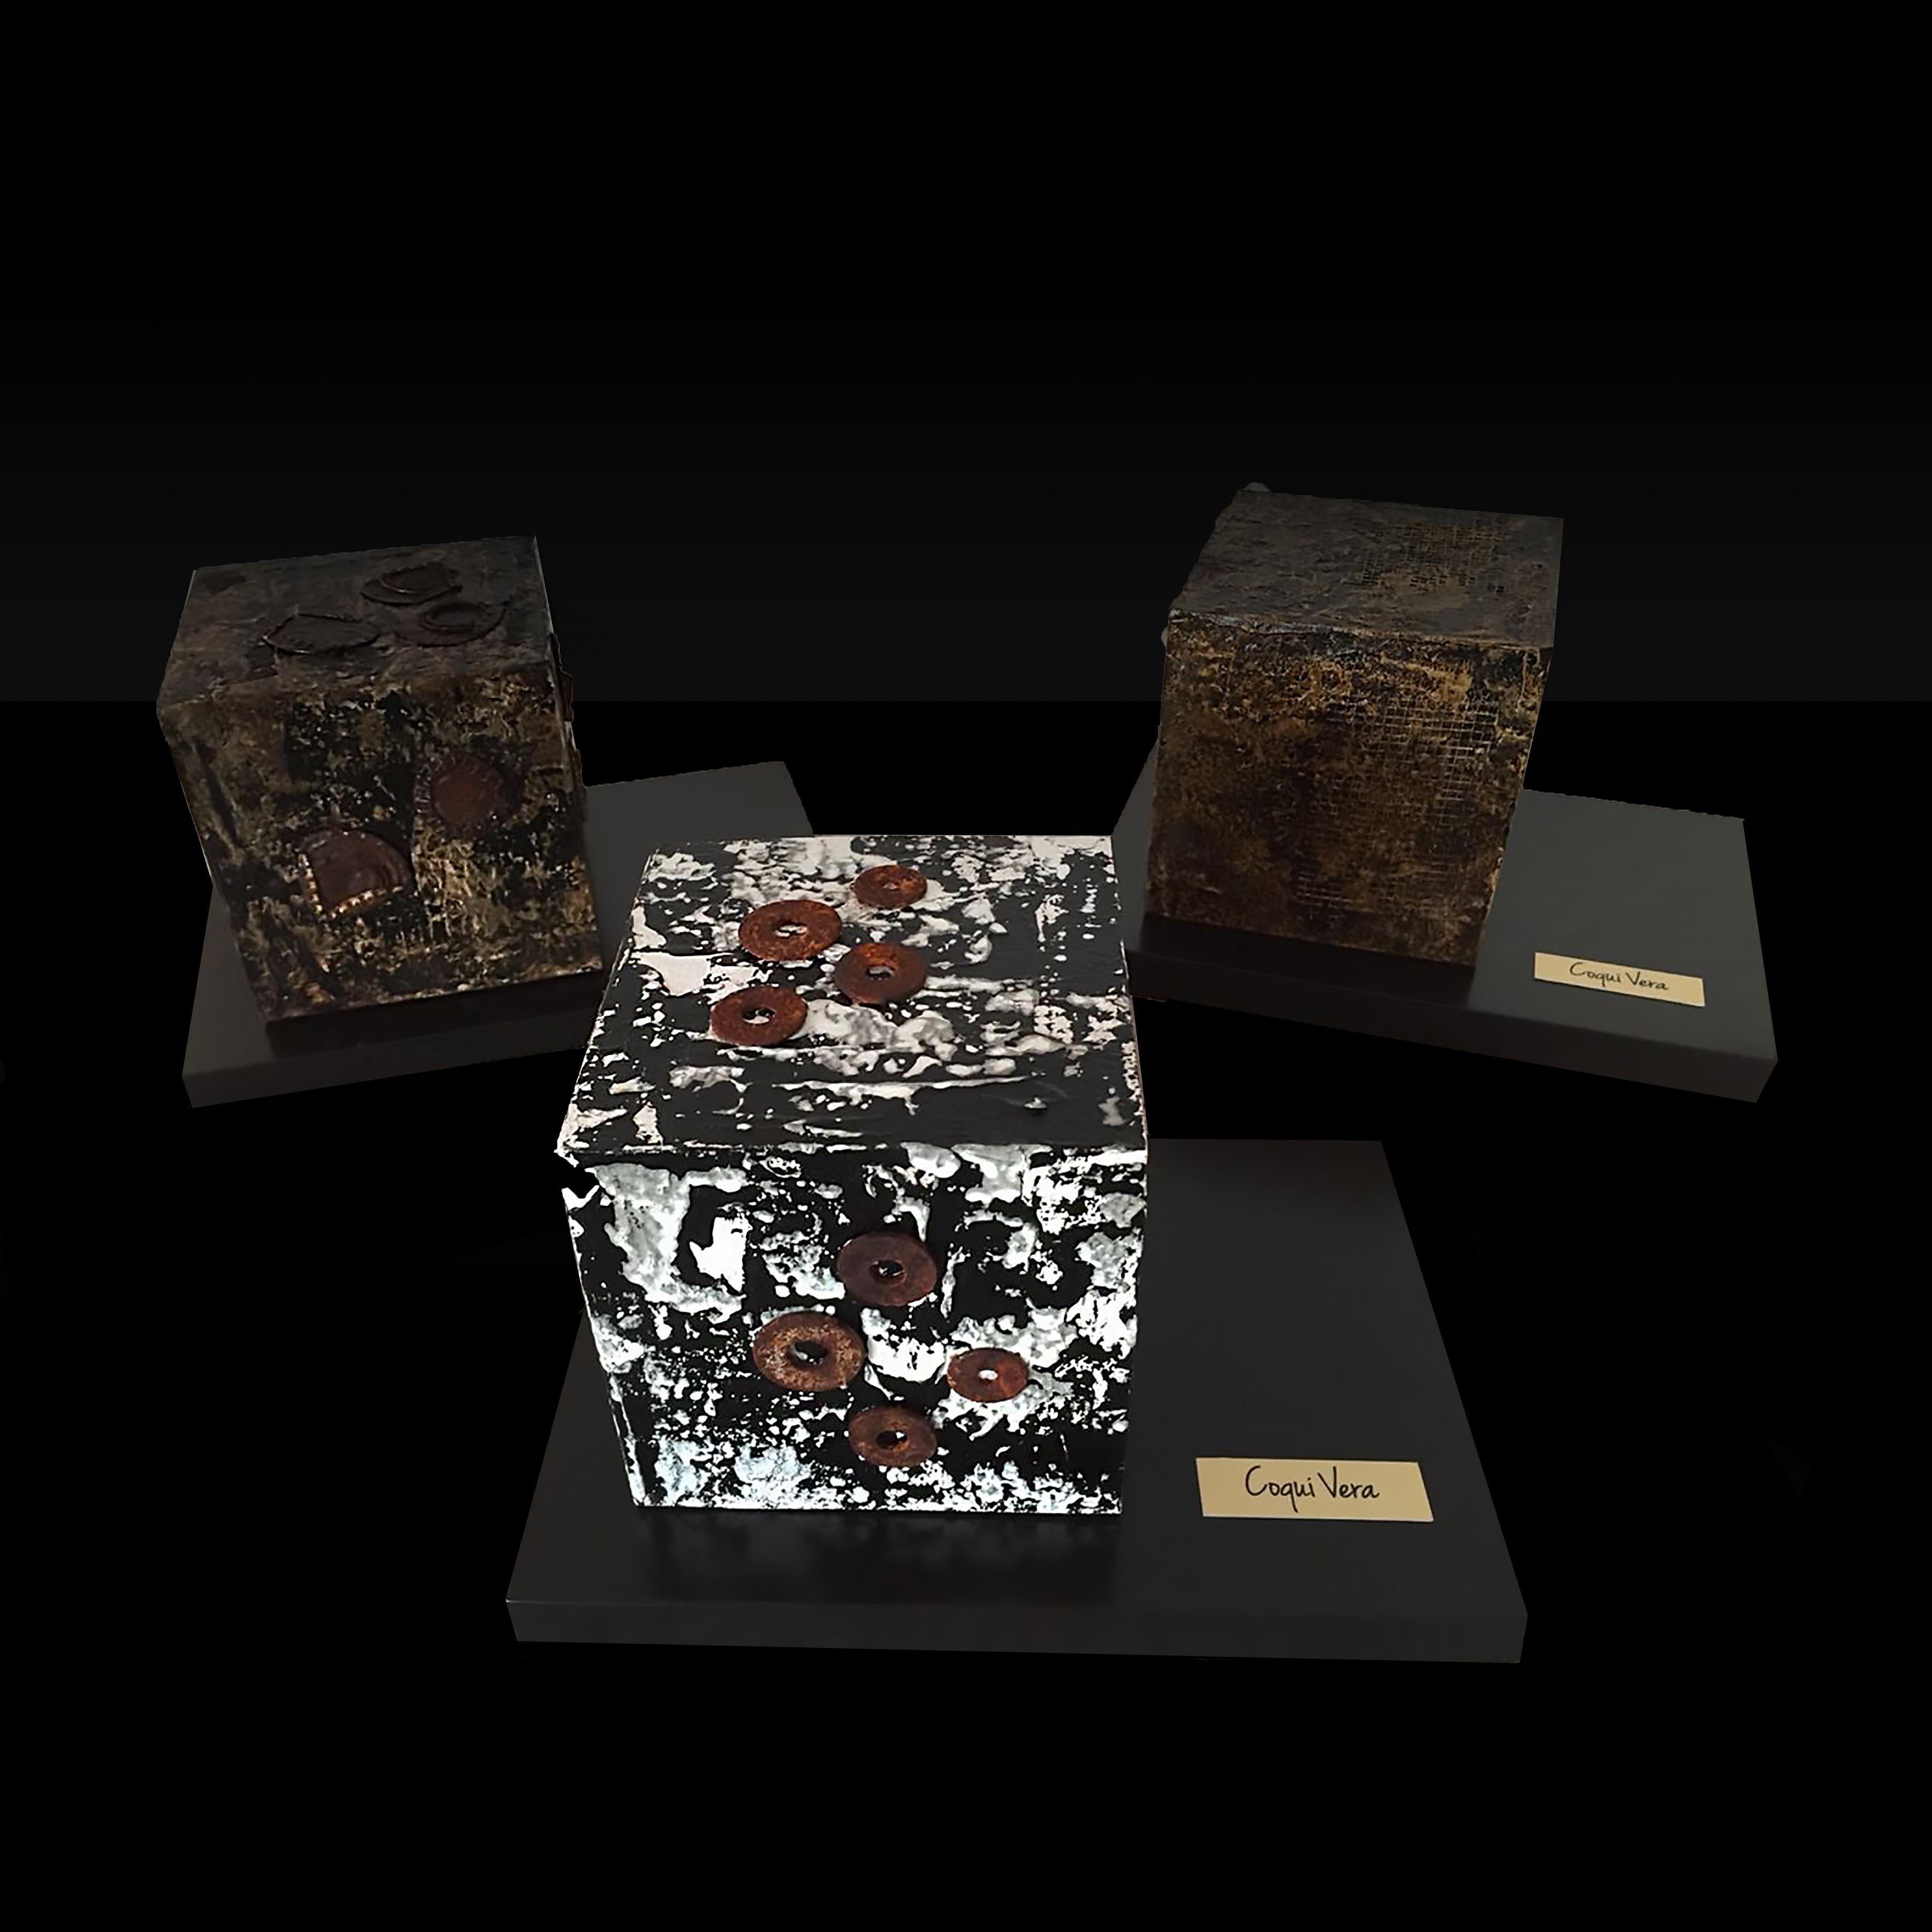 Coqui-Vera-arte-objeto-abstracto-3